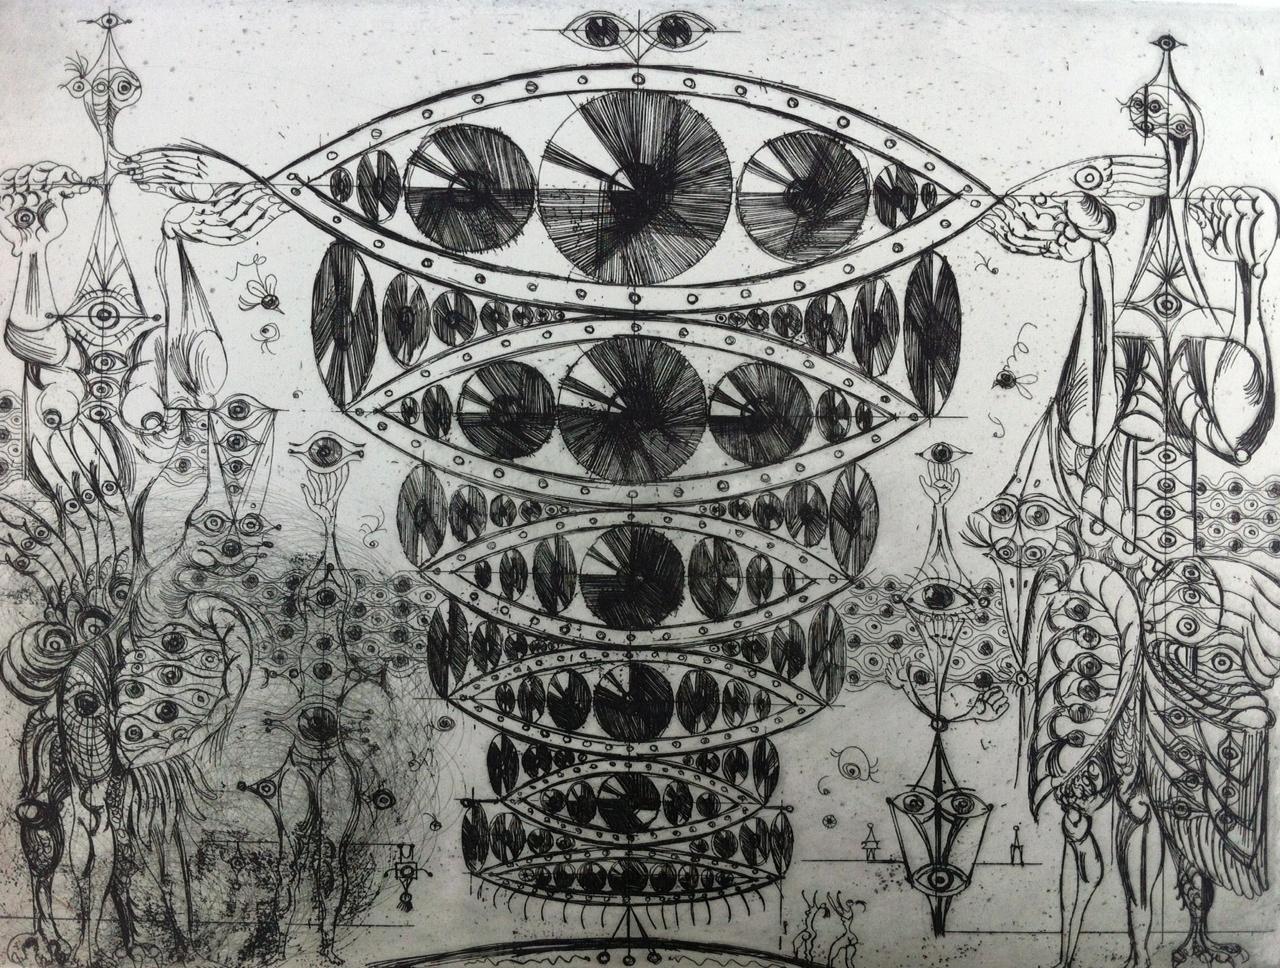 Hincz, Gyula: Eye of the world